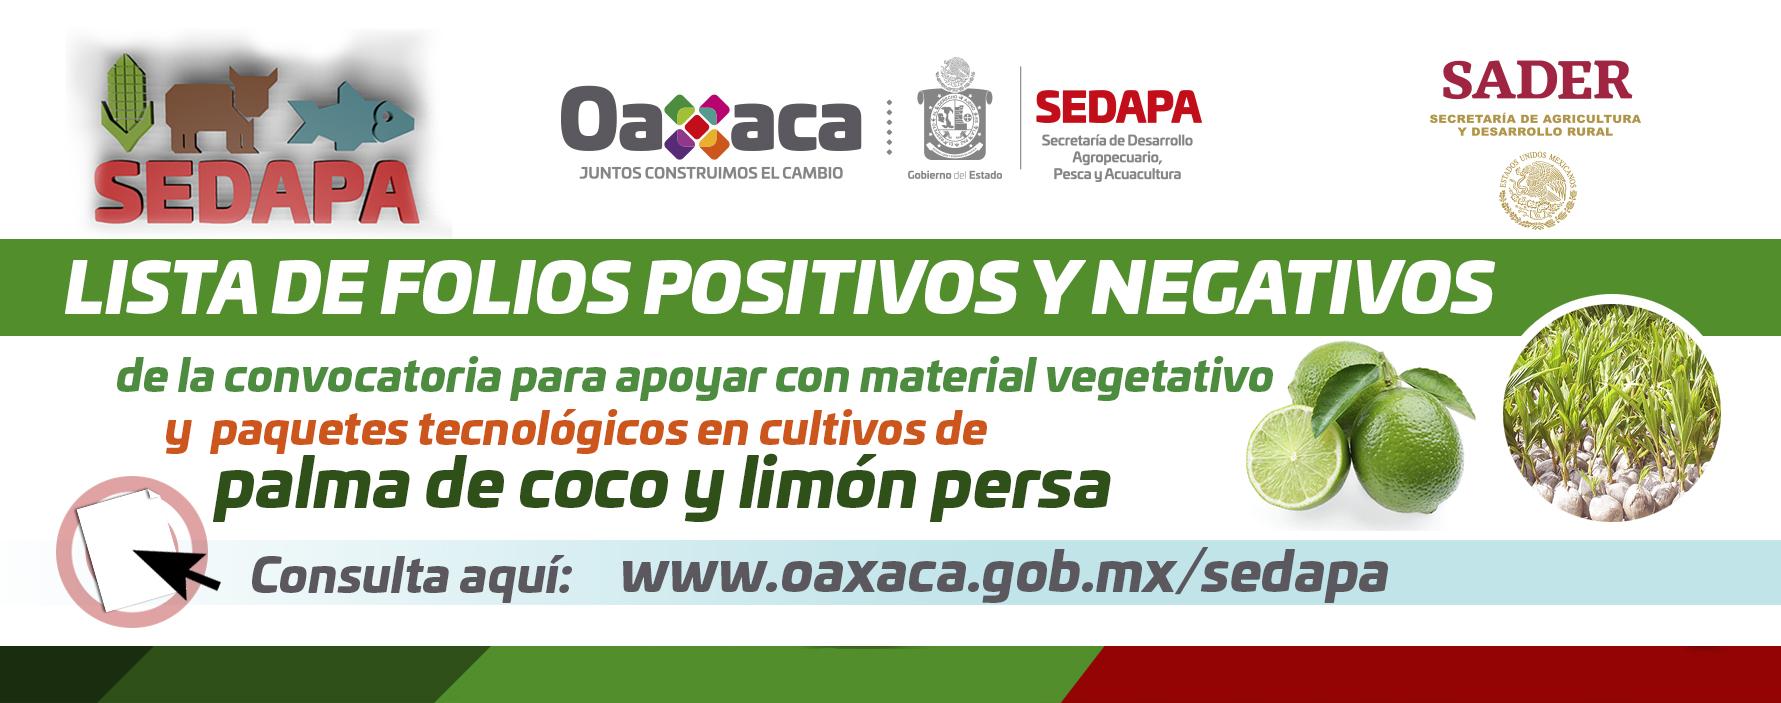 Lista de Folios Positivos y Negativos Coco Limón